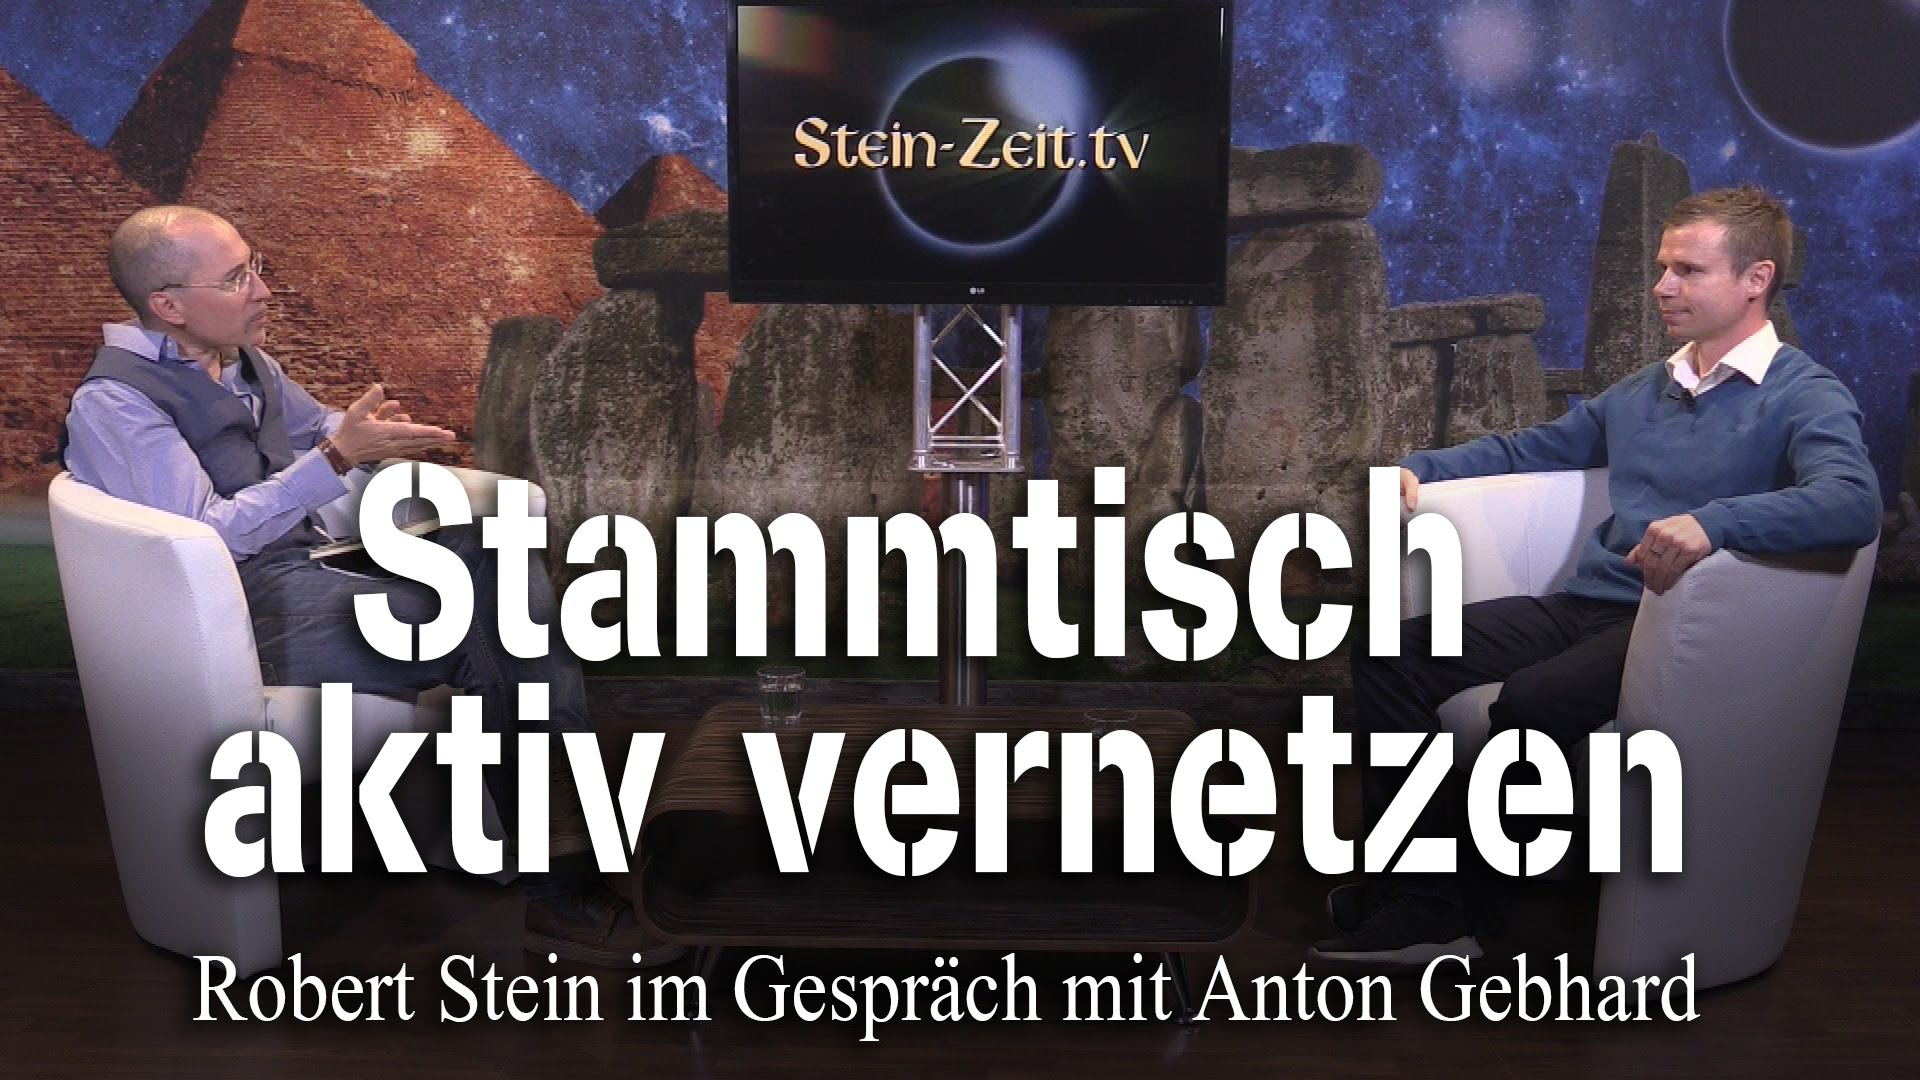 Stammtisch Aktiv vernetzen – Anton Gebhard bei SteinZeit